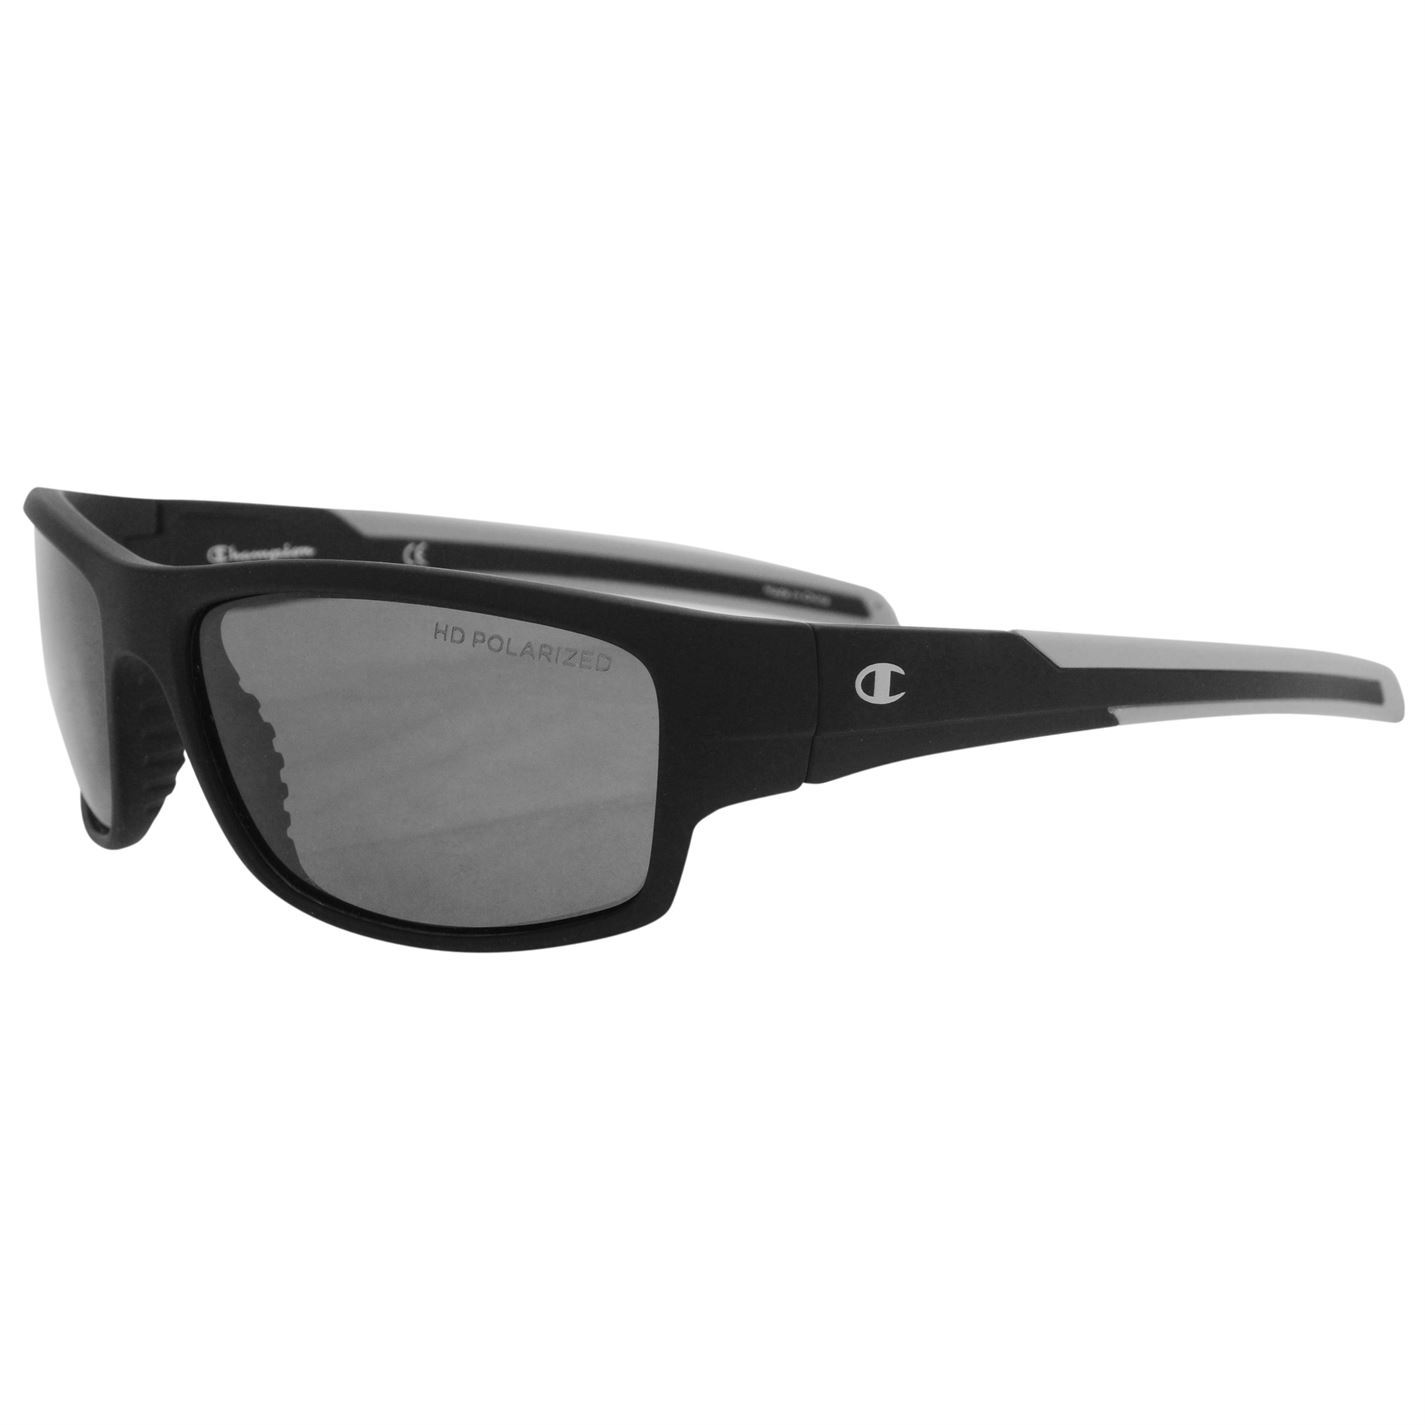 Mens-Champion-CU5104-Sunglasses-Lightweight-New